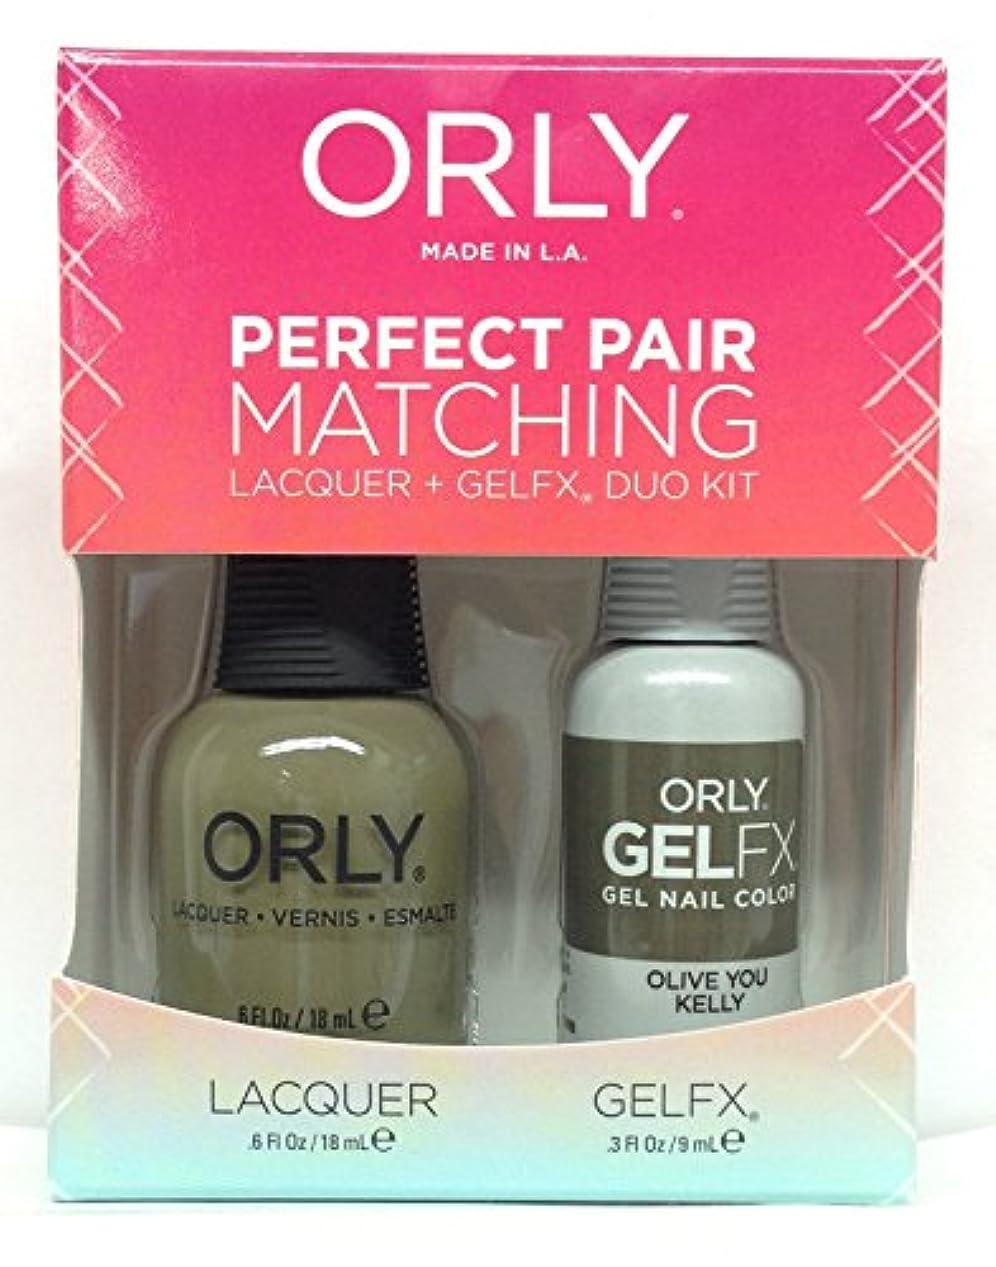 粘液みすぼらしい過去Orly - Perfect Pair Matching Lacquer + GelFX Kit - Olive You Kelly - 0.6 oz / 0.3 oz